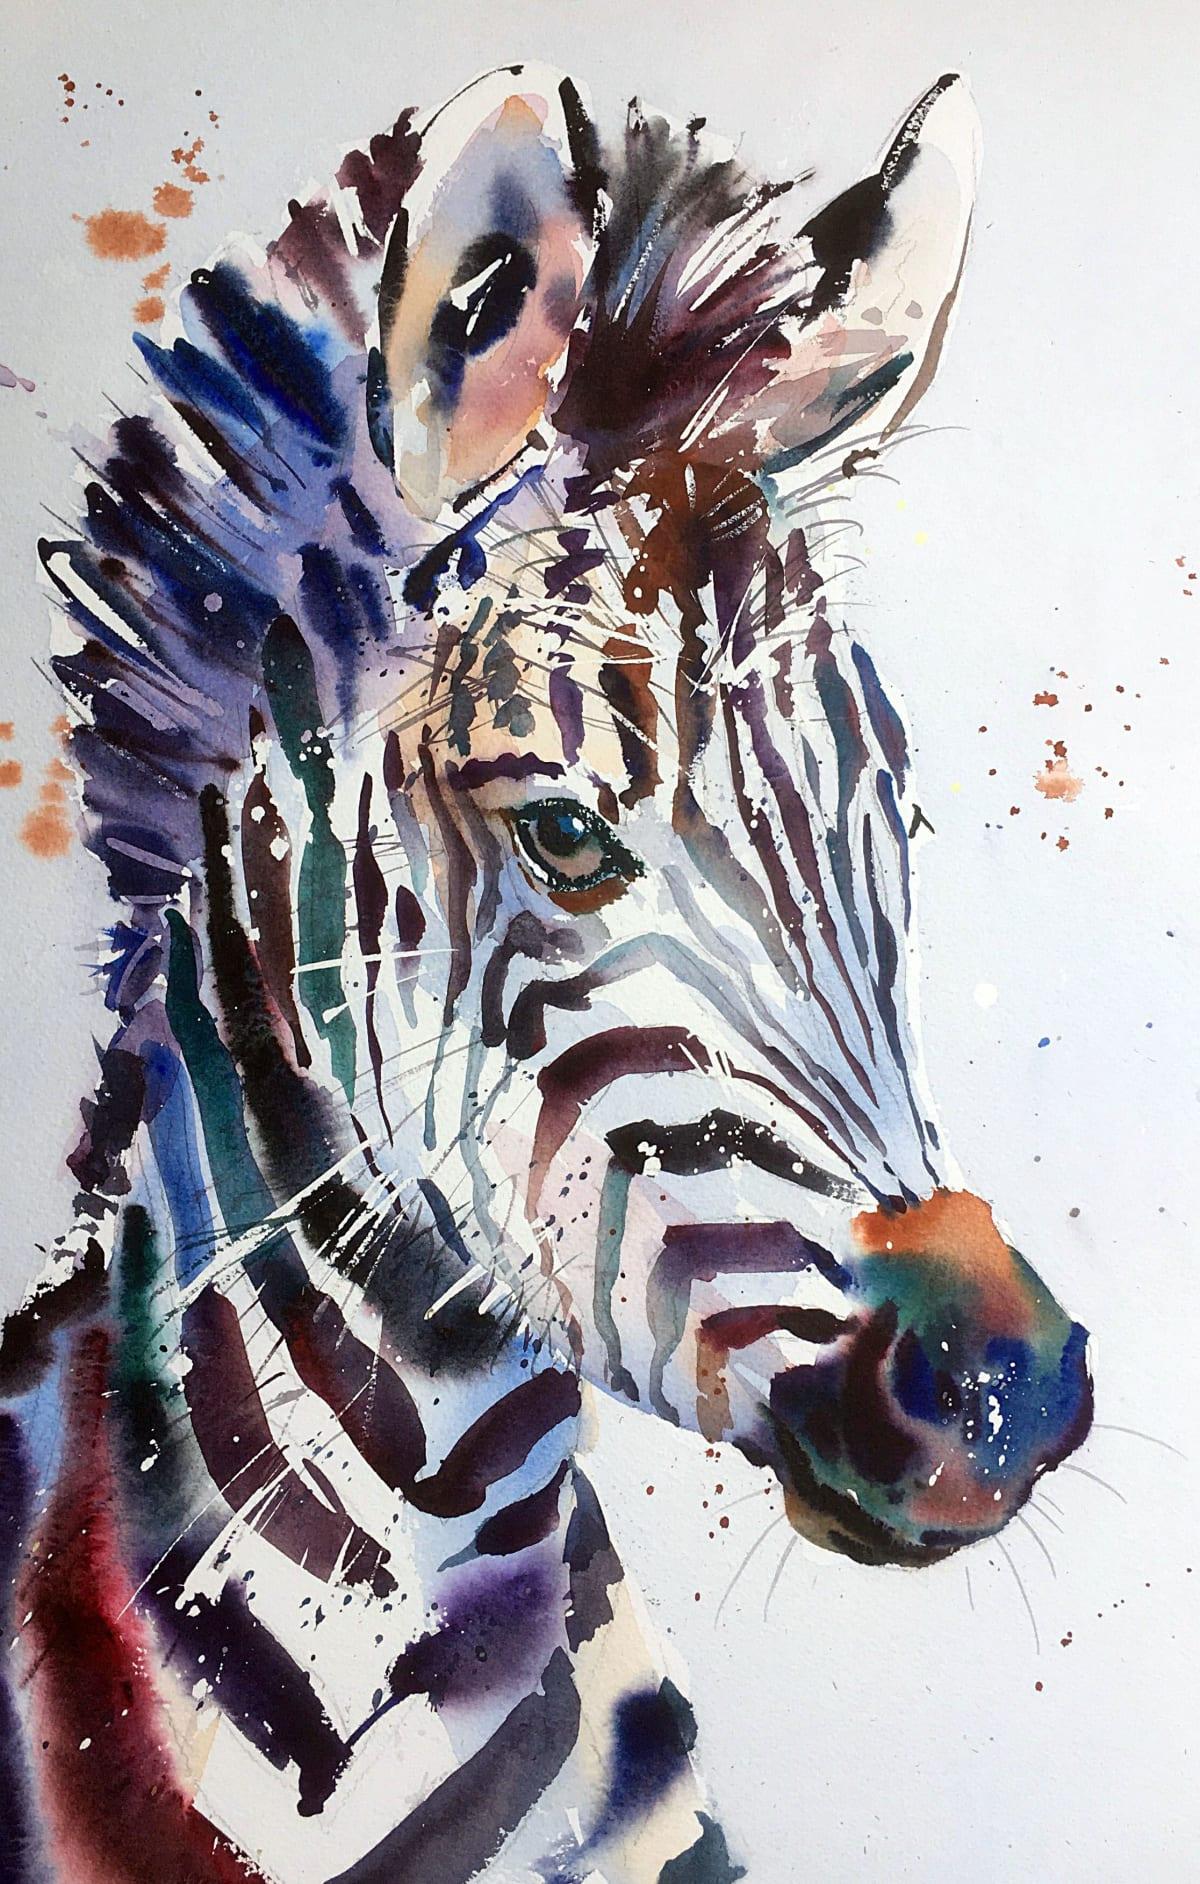 Jake Winkle YOUNG ZEBRA Watercolour 18 x 13 in 45.7 x 33 cm